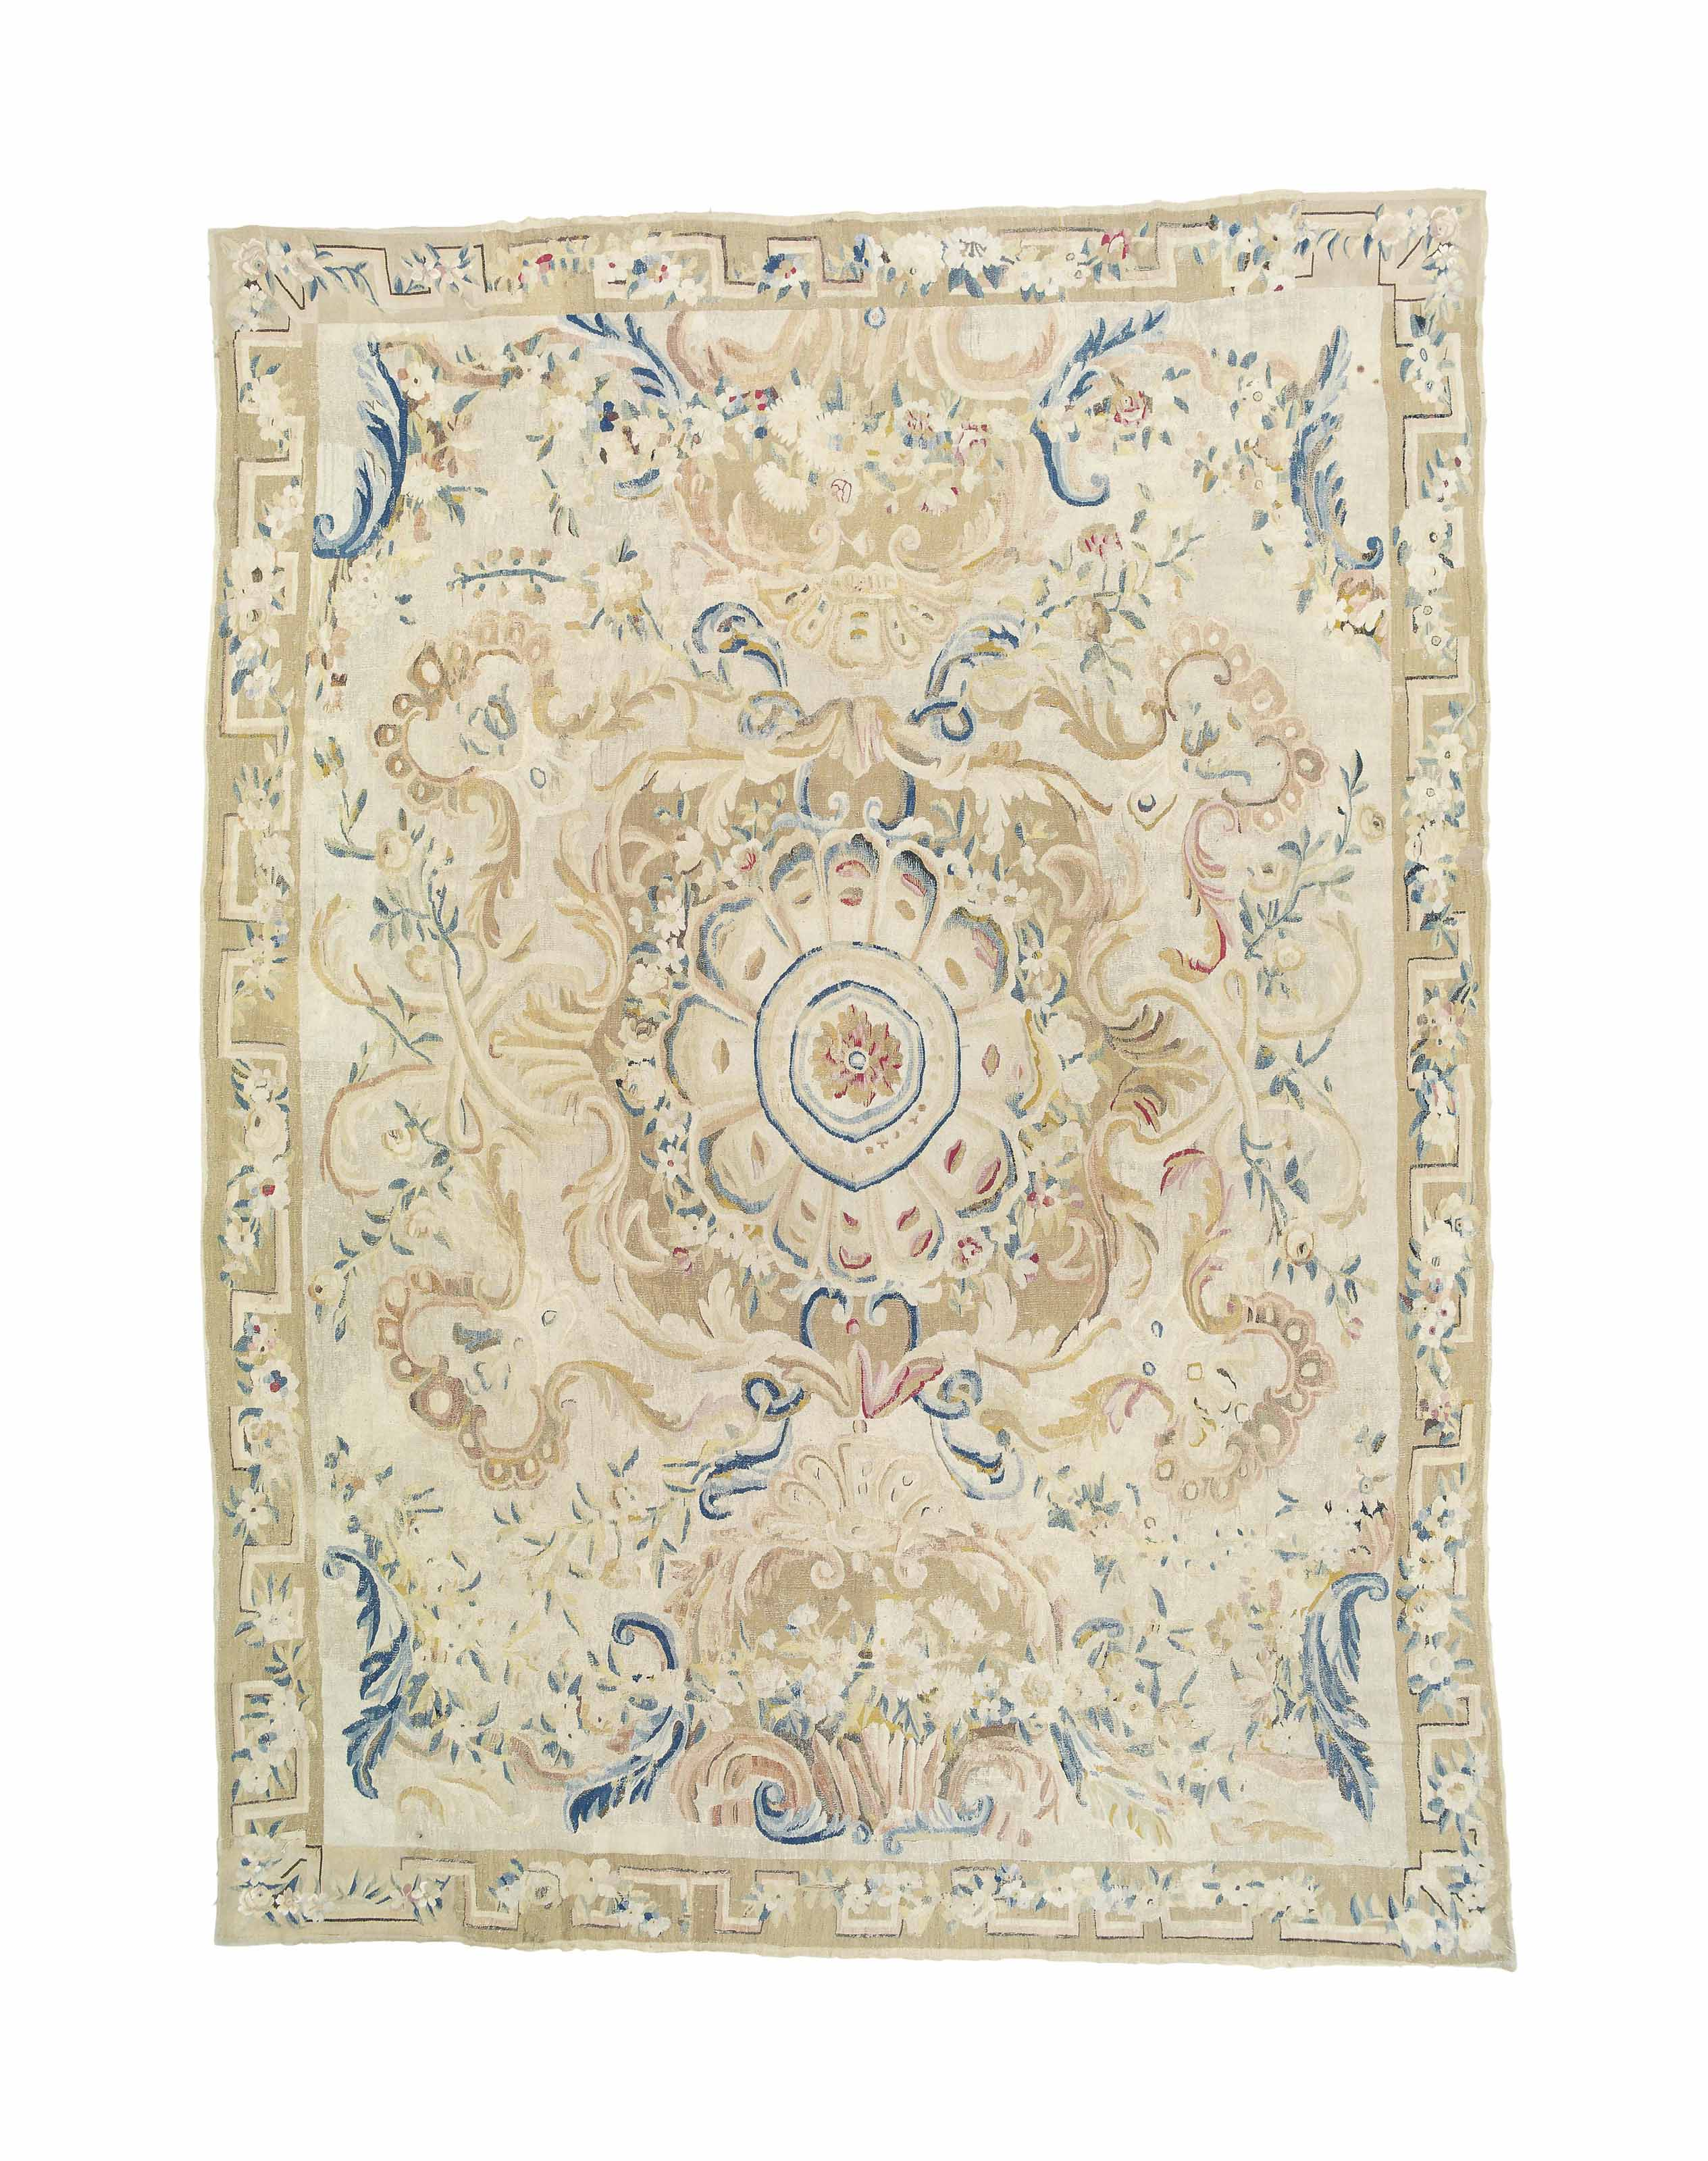 An antique Aubusson carpet